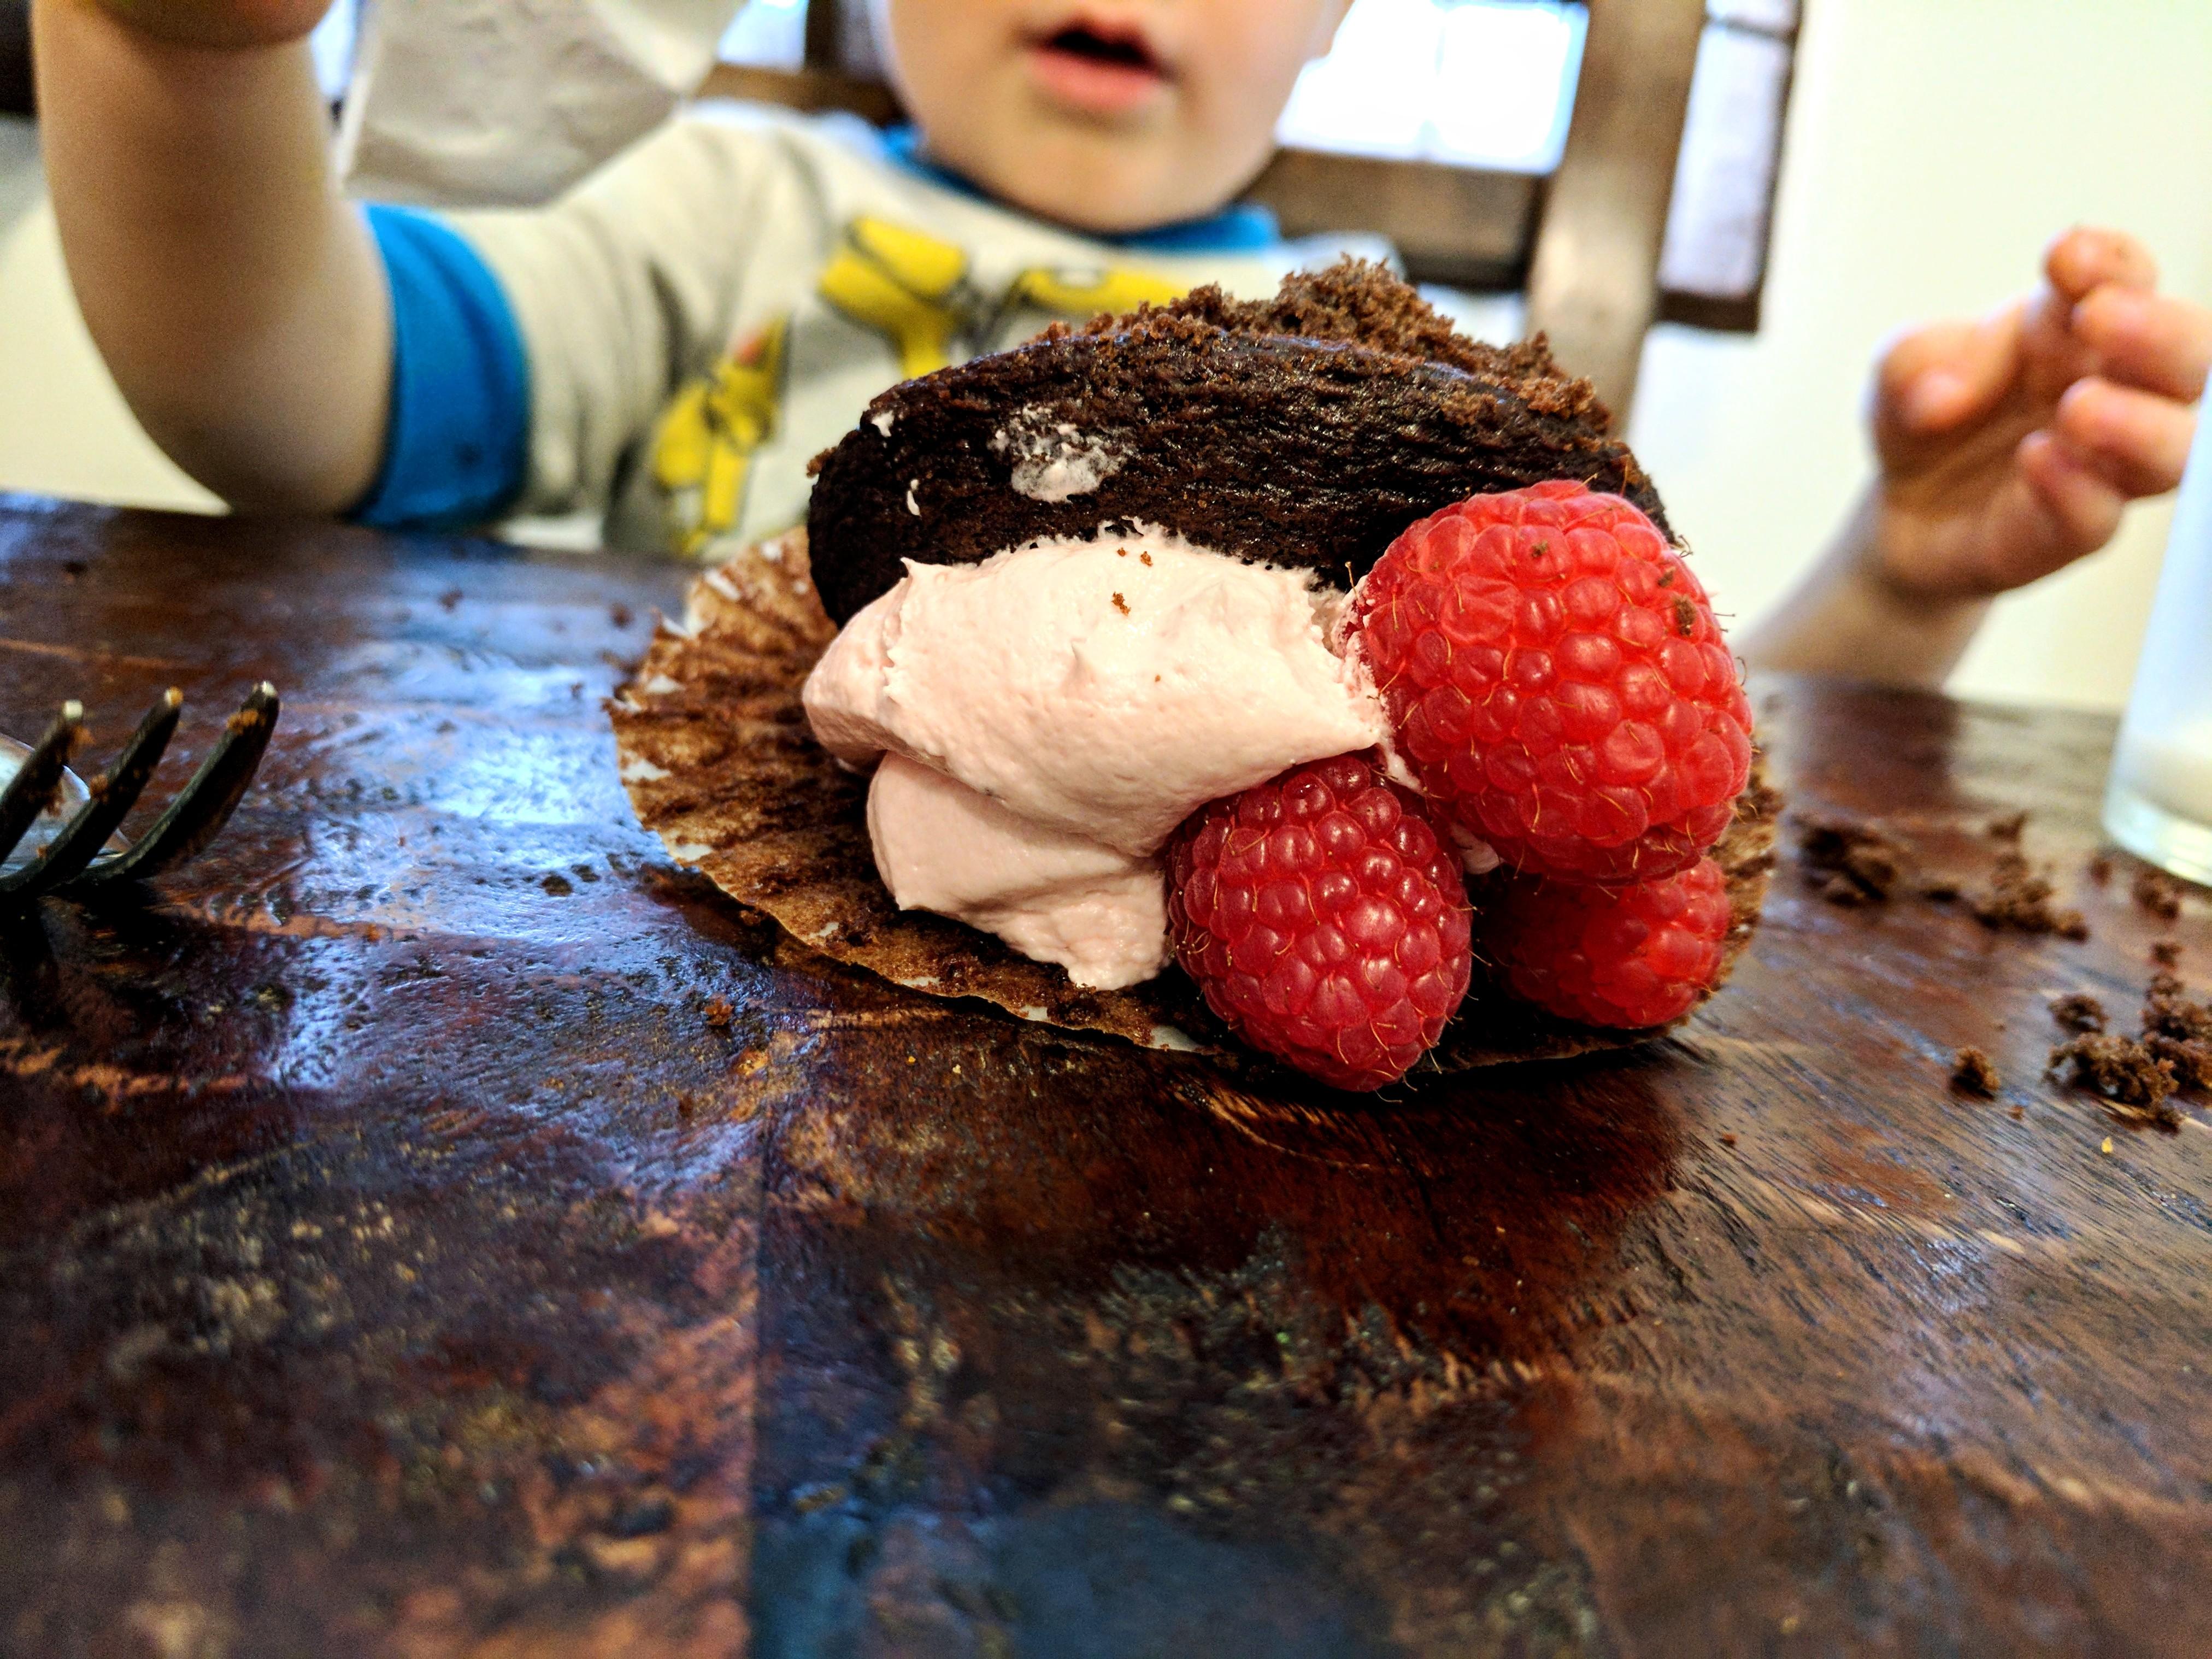 Poor cupcake